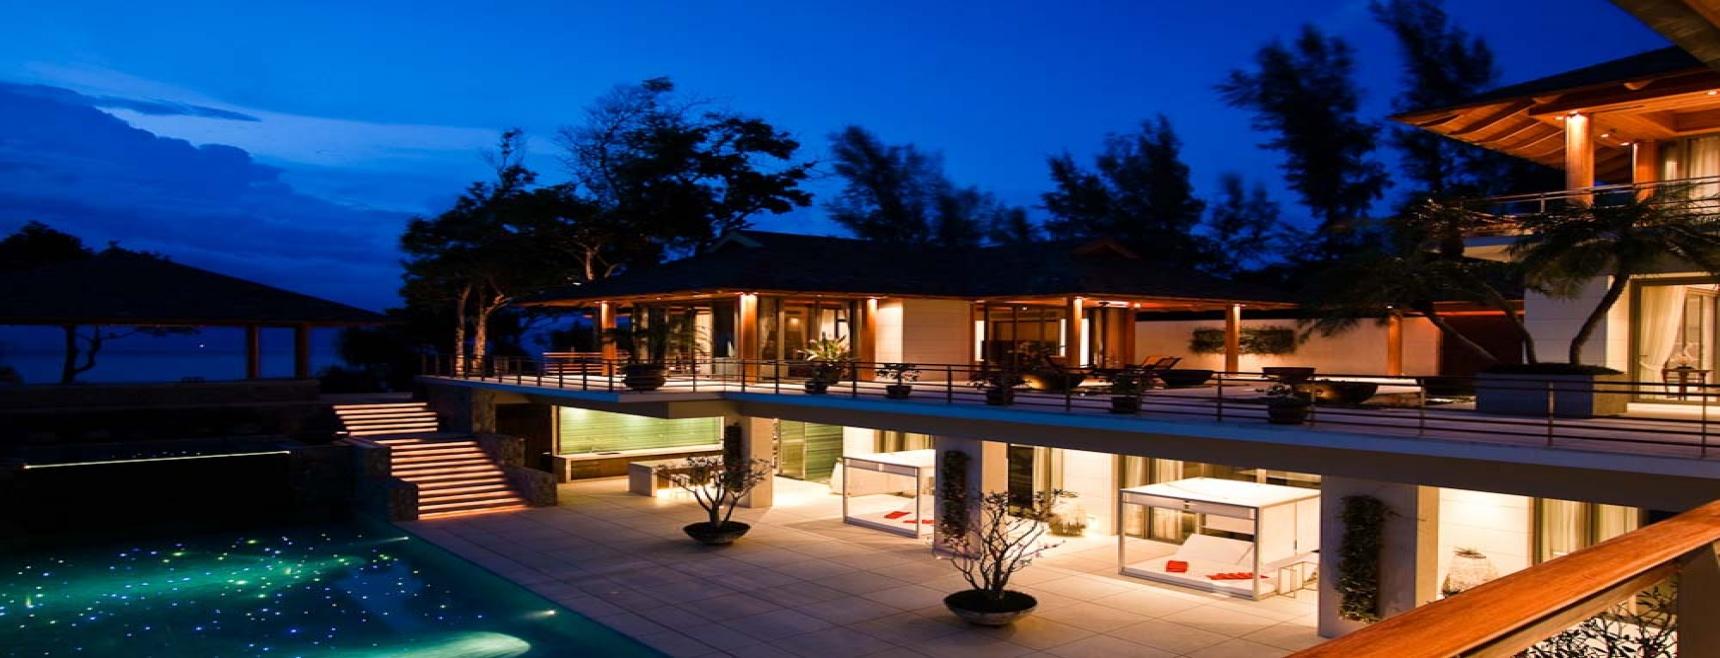 Luxury Ocean View Villa Kamala Phuket